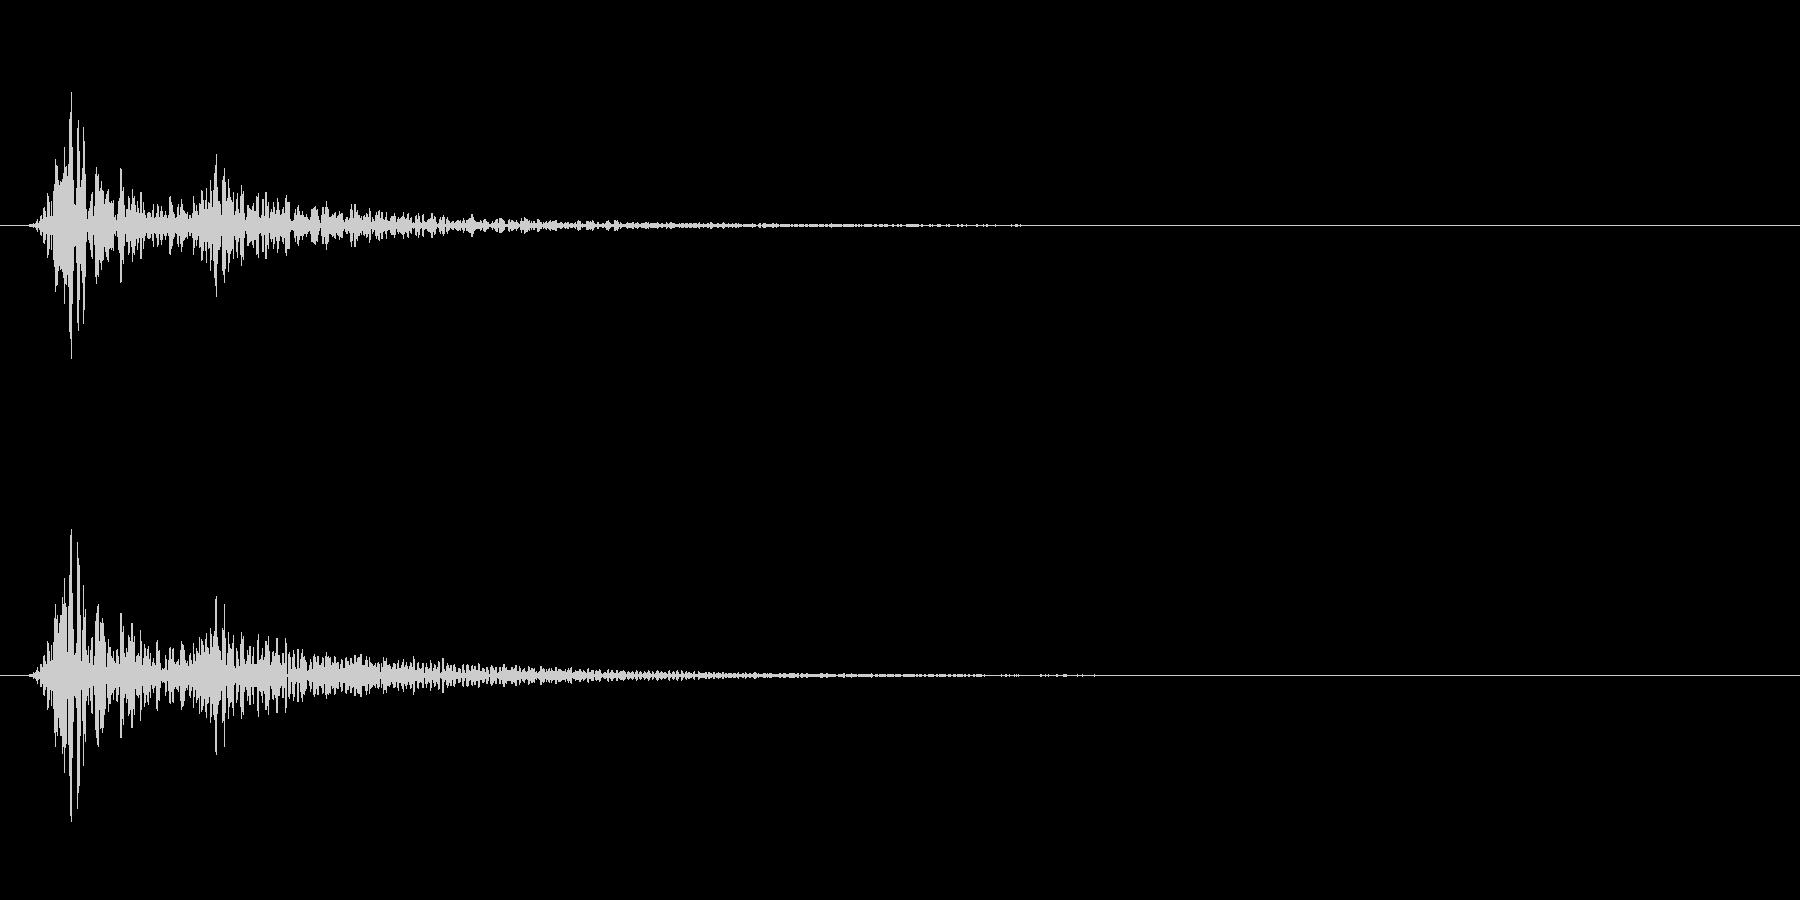 心臓の鼓動 単発(ドックン)の未再生の波形